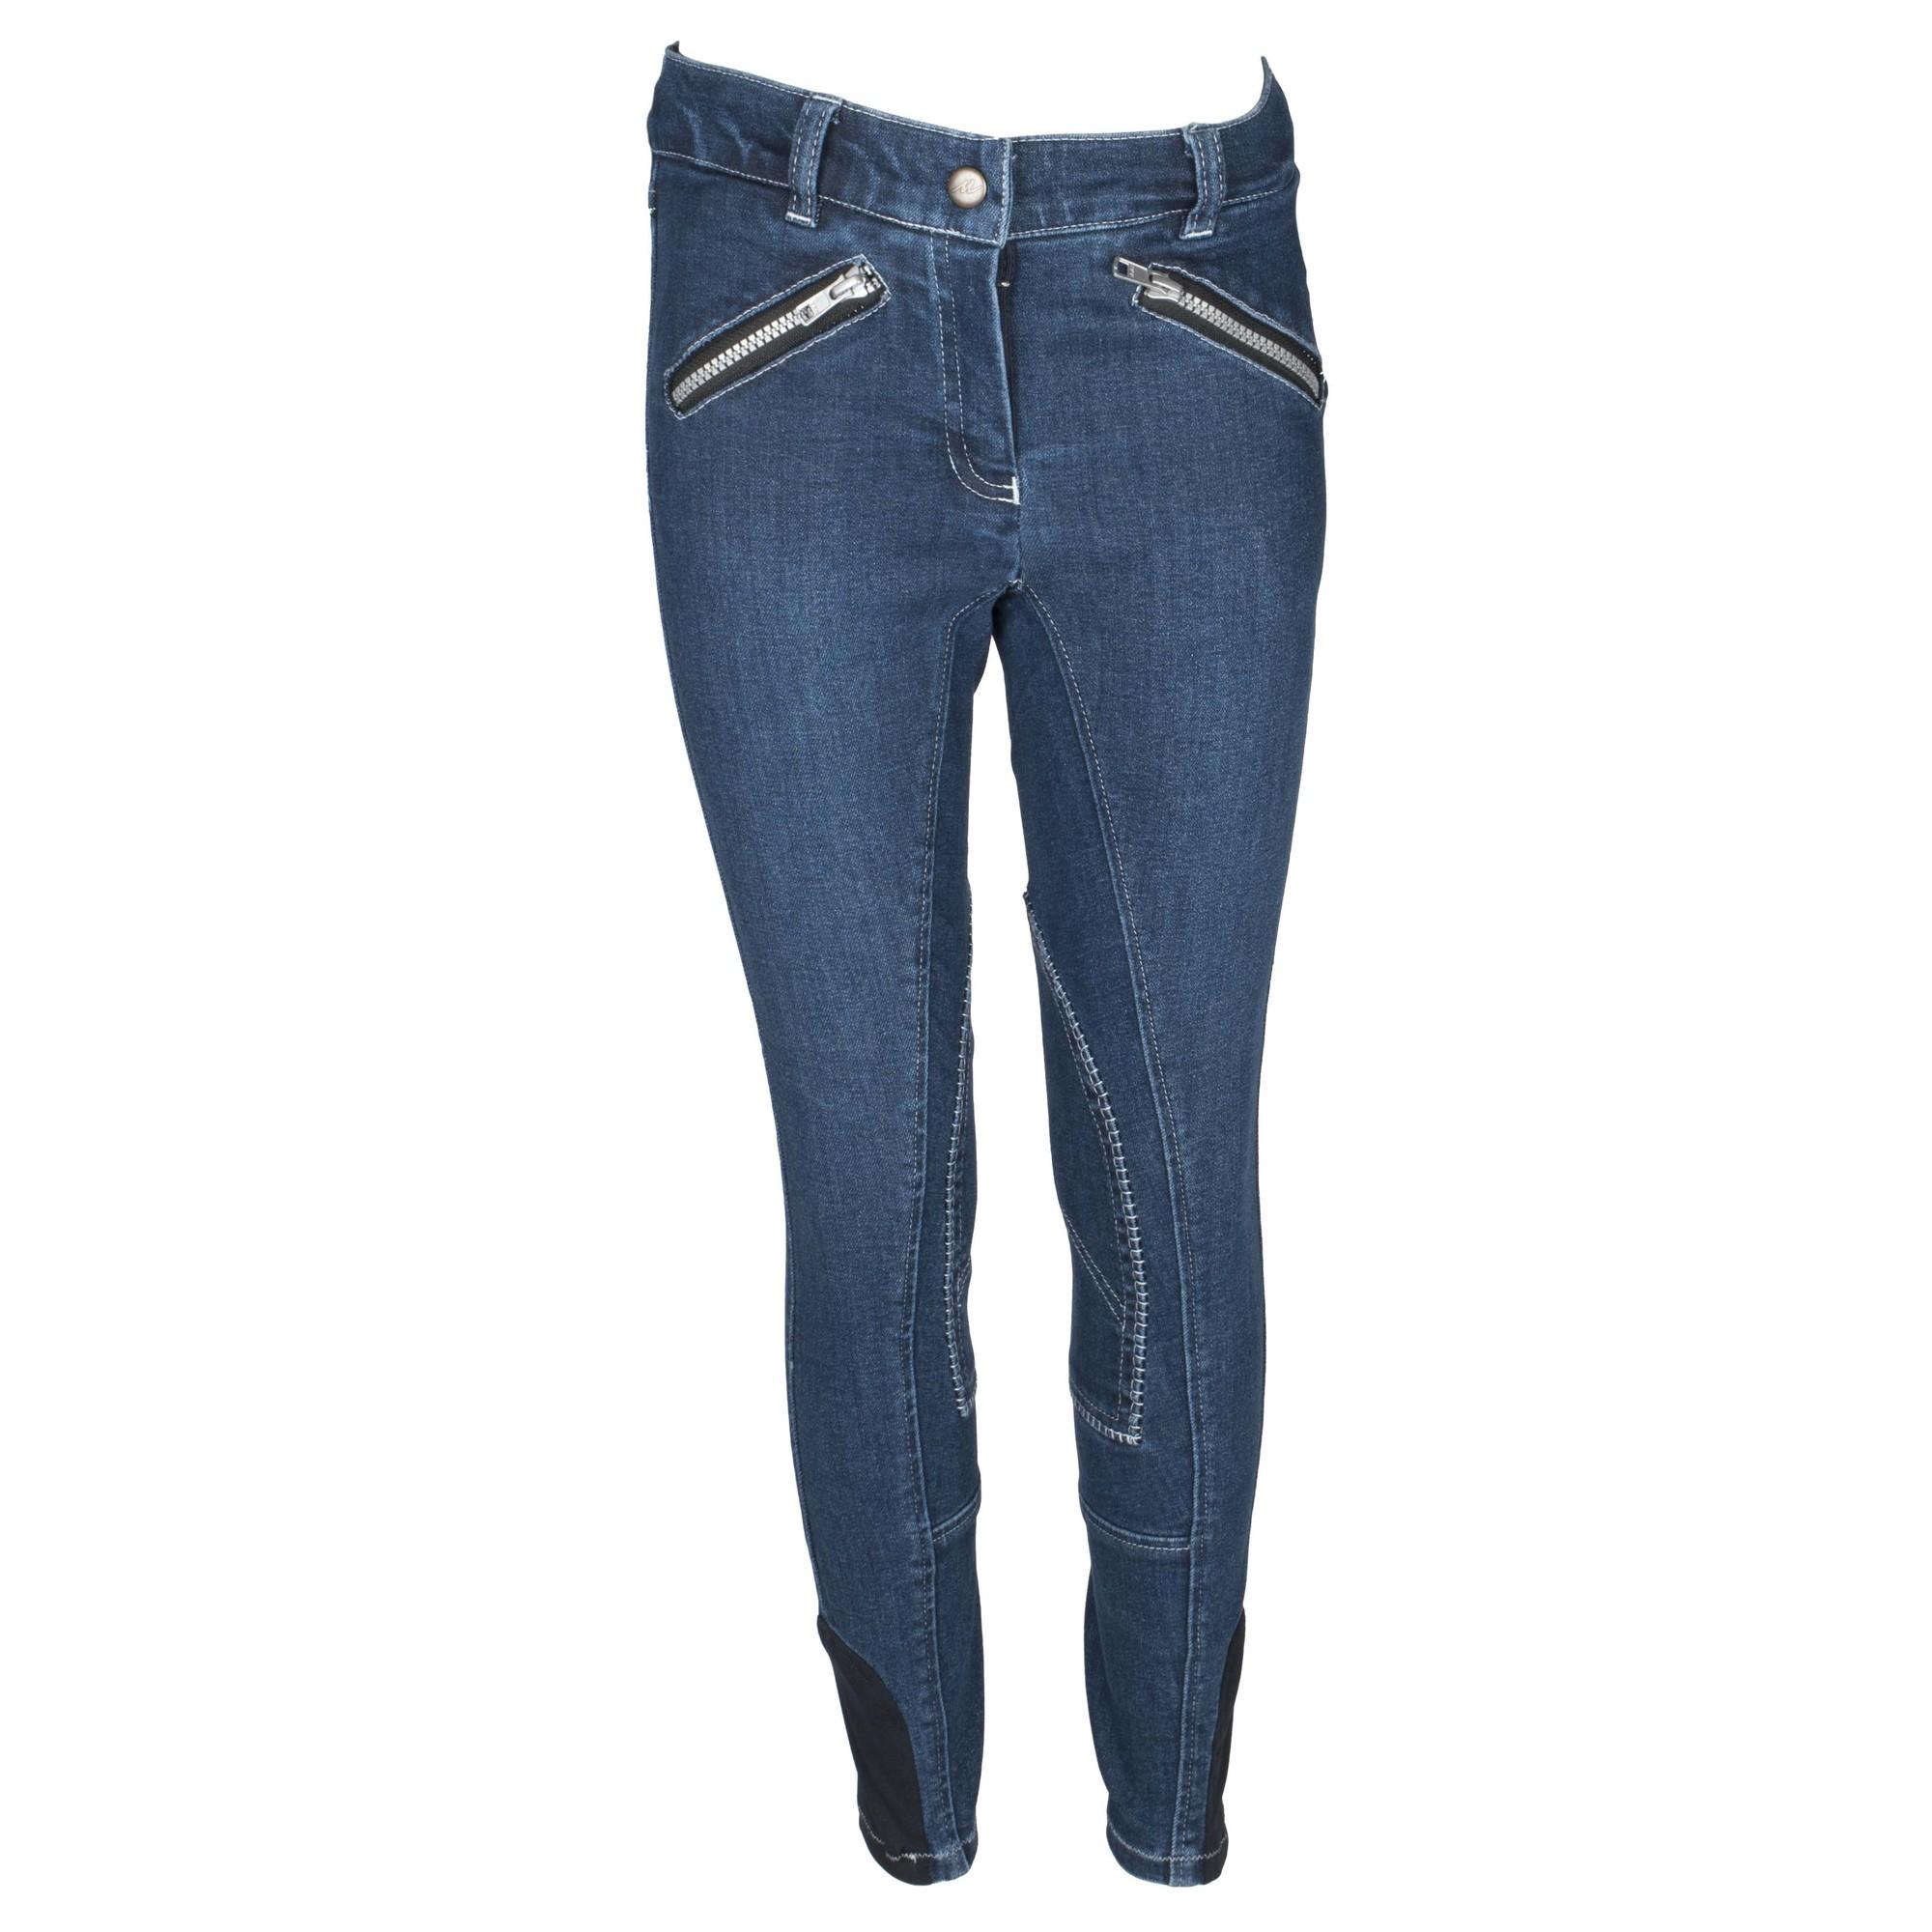 Mondoni Jeans kinder rijbroek jeans maat:128